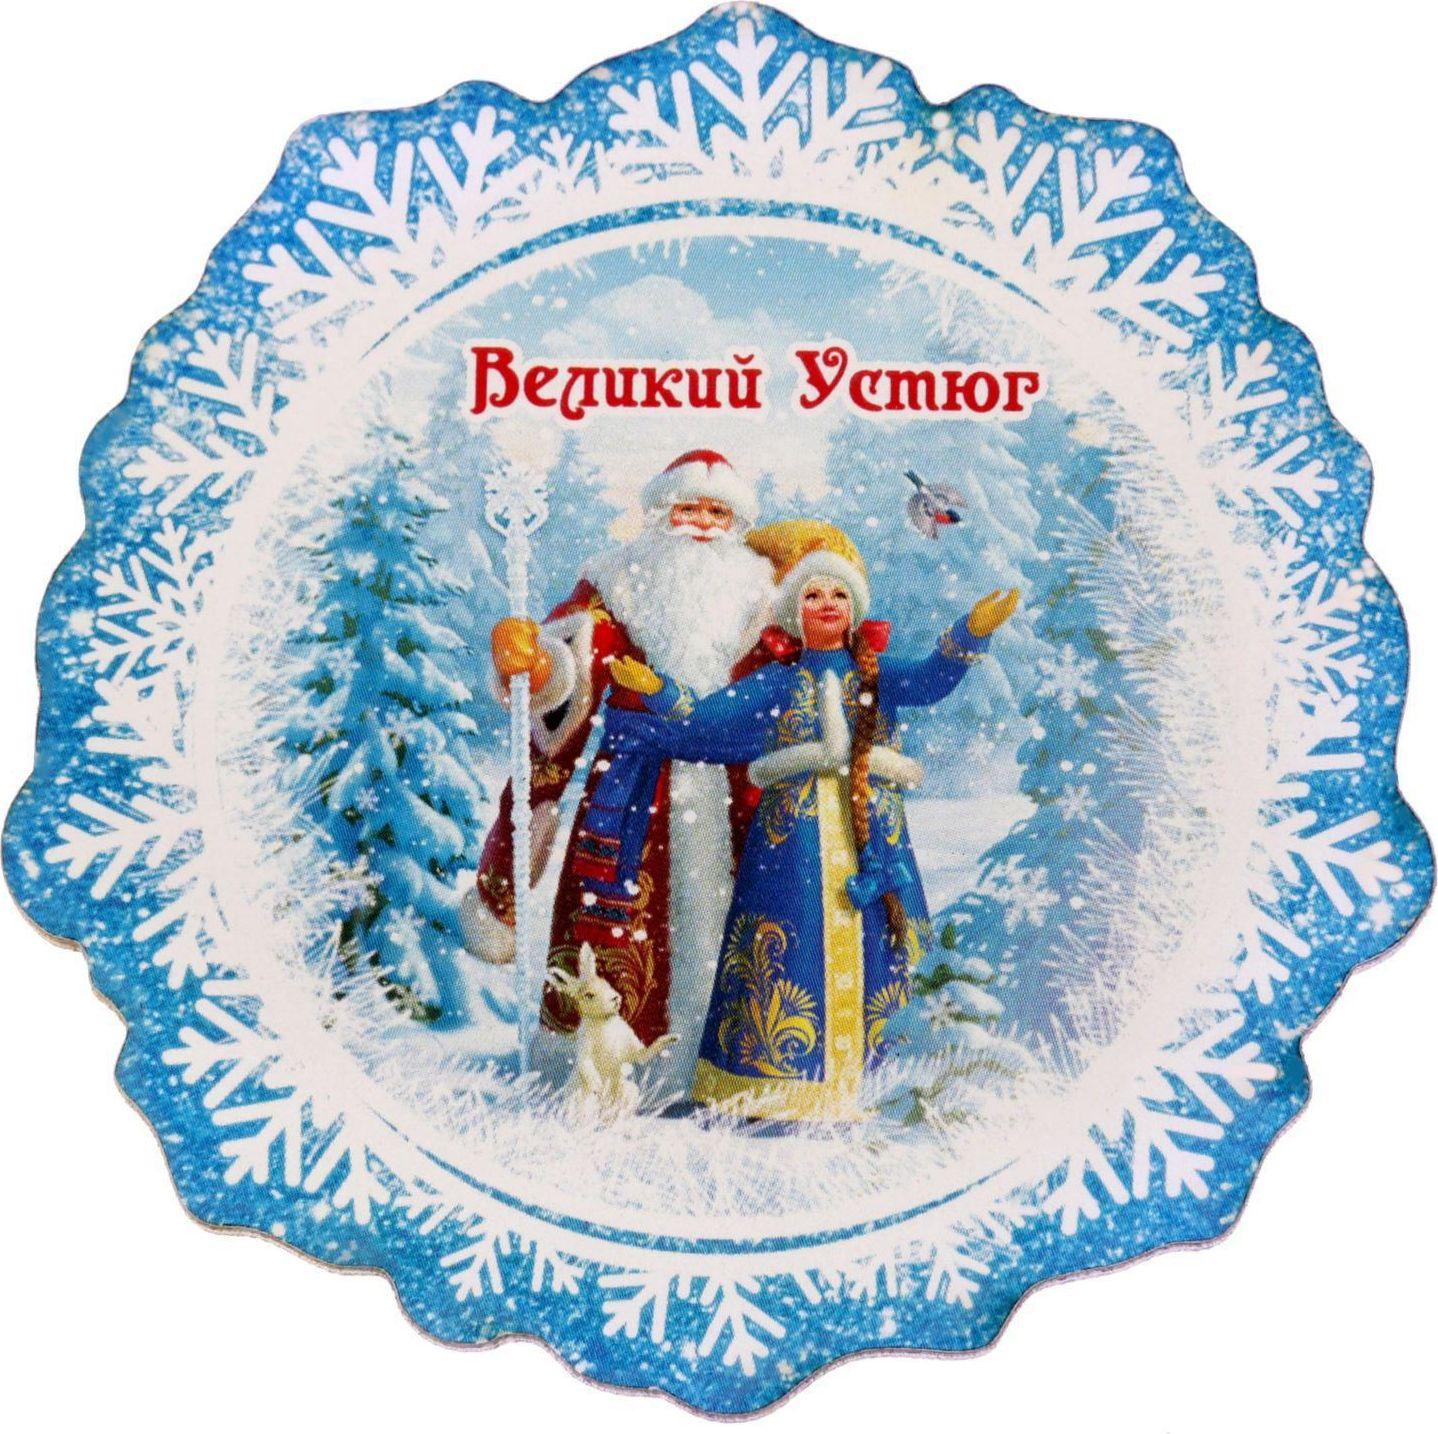 Магнит Sima-land Снежинка. Великий Устюг. Дед Мороз и Снегурочка, 7 х 7 см1749261Порадуйте родных и близких оригинальным сувениром: преподнесите в подарок магнит. С ним даже самый серьёзный человек почувствует себя ребёнком, ожидающим чудо! Создайте праздничное настроение, и оно останется с вами на весь год.